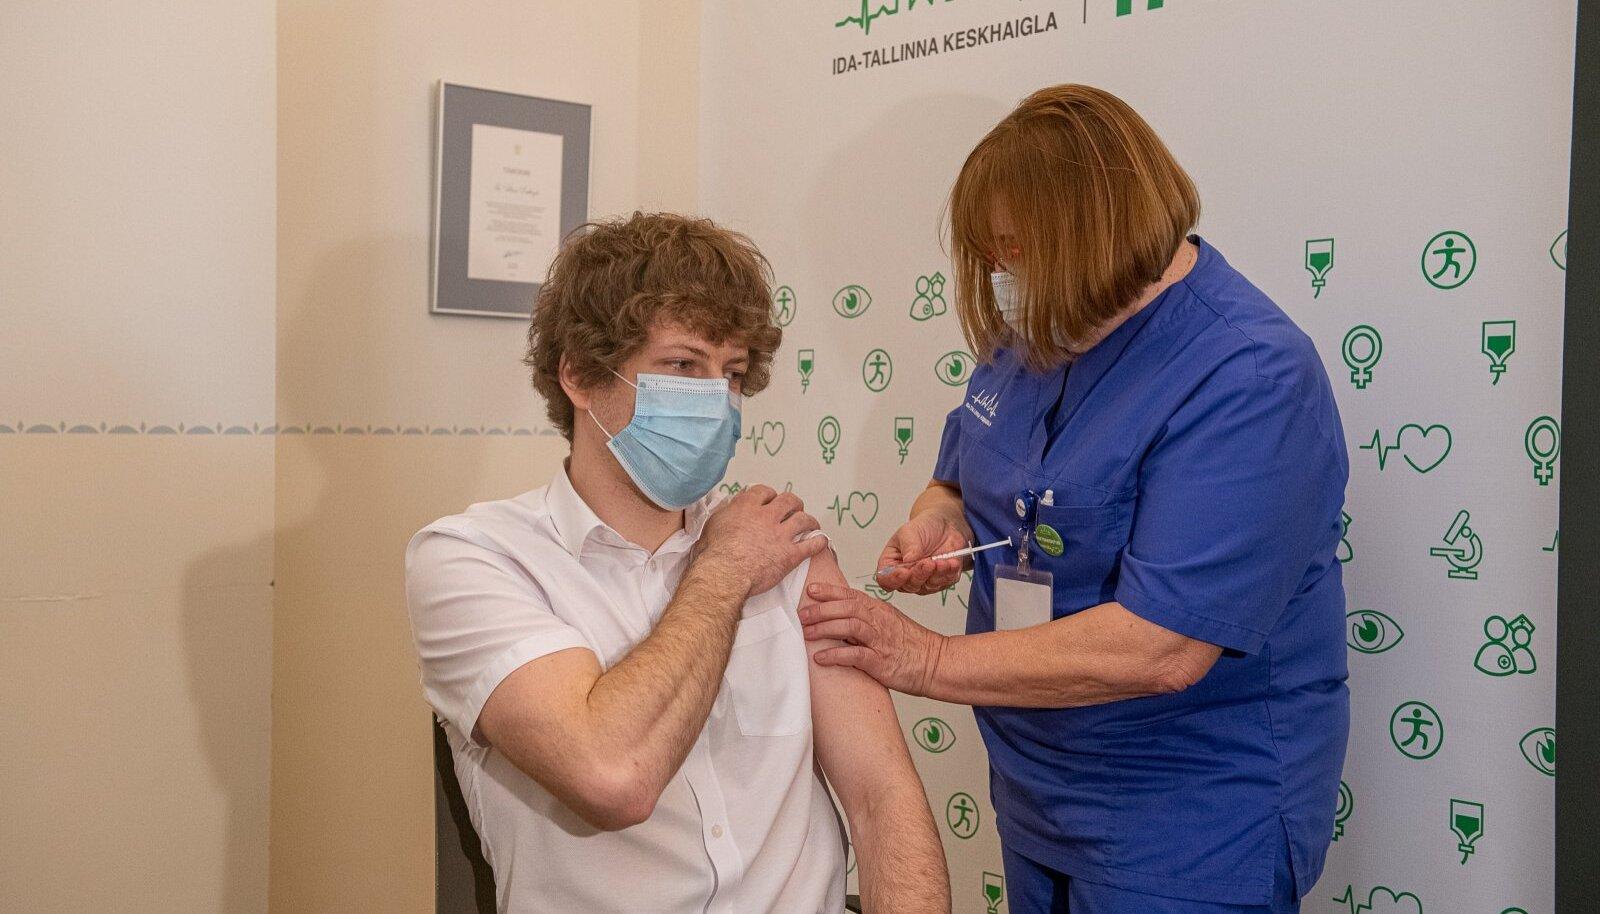 Танель Кийк вакцинировался 25 марта